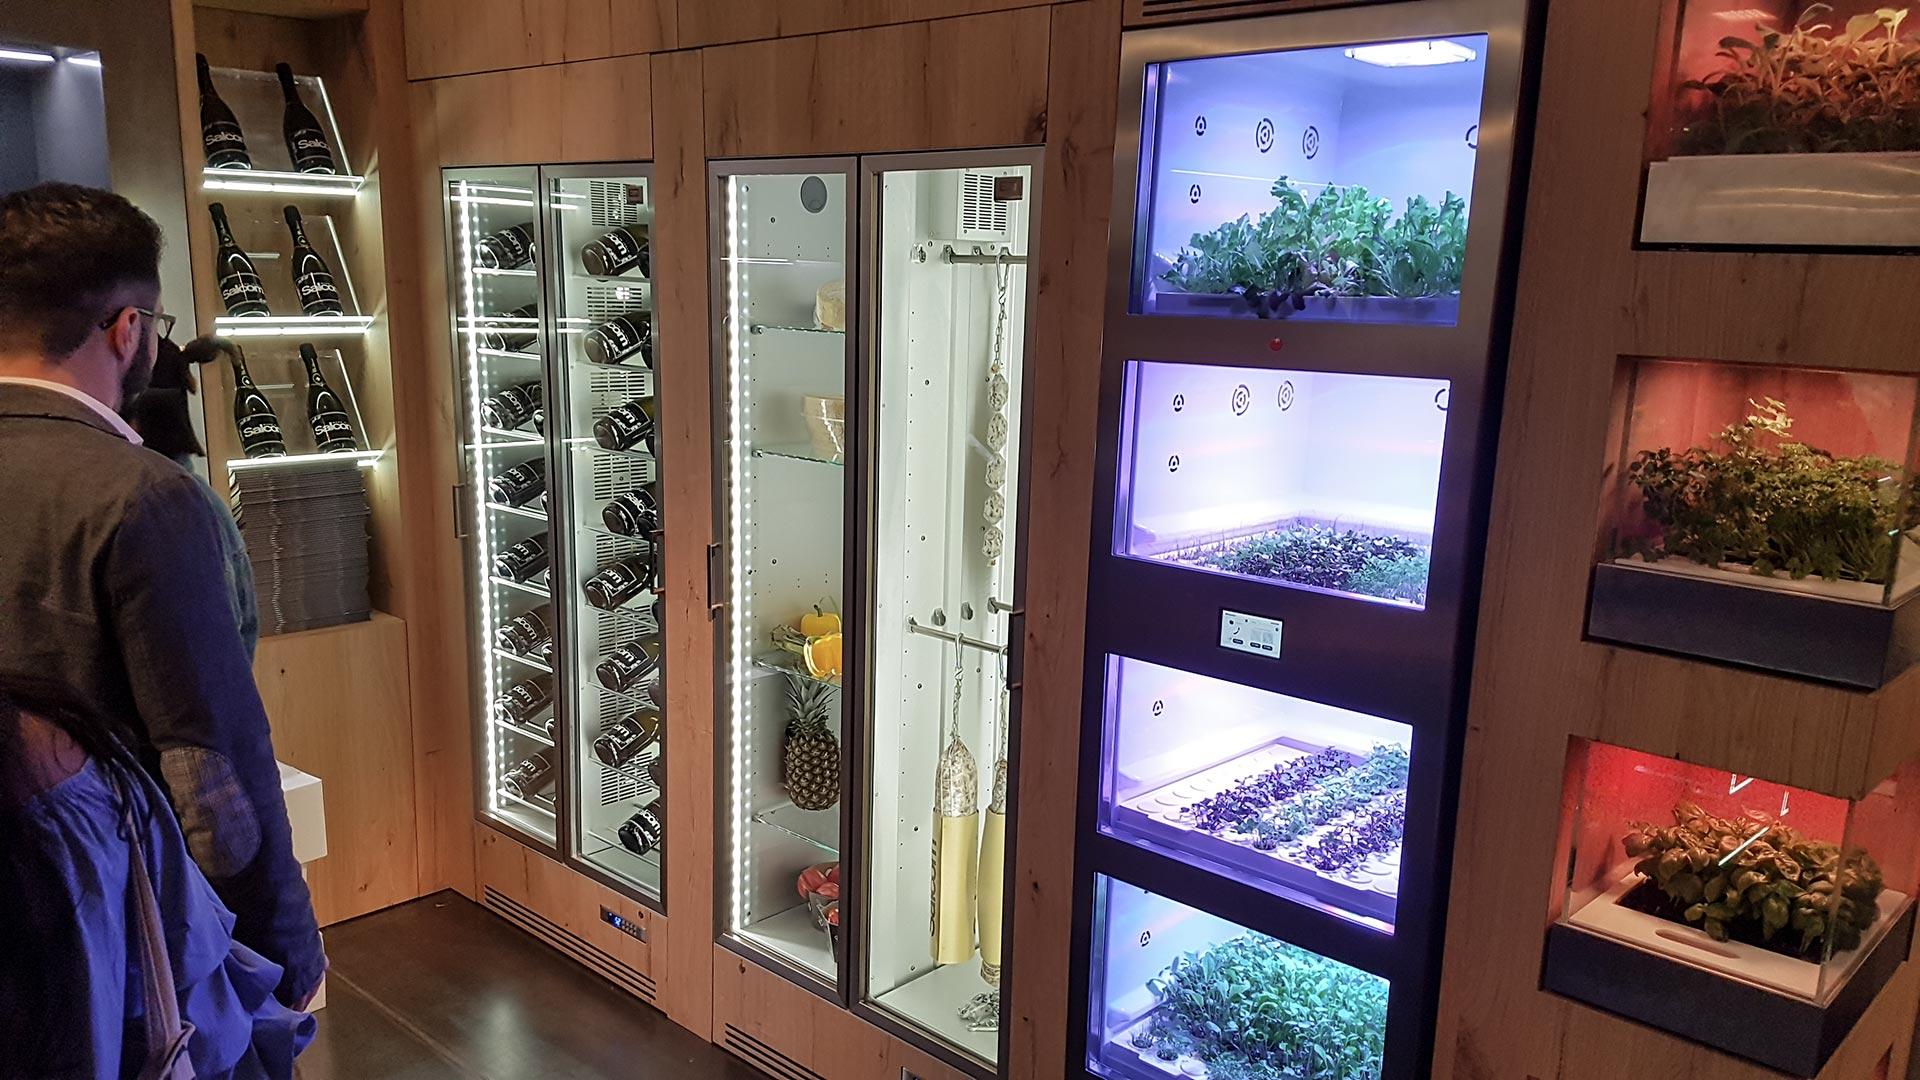 Atemberaubend Küchentrends 2016 Nz Galerie - Ideen Für Die Küche ...